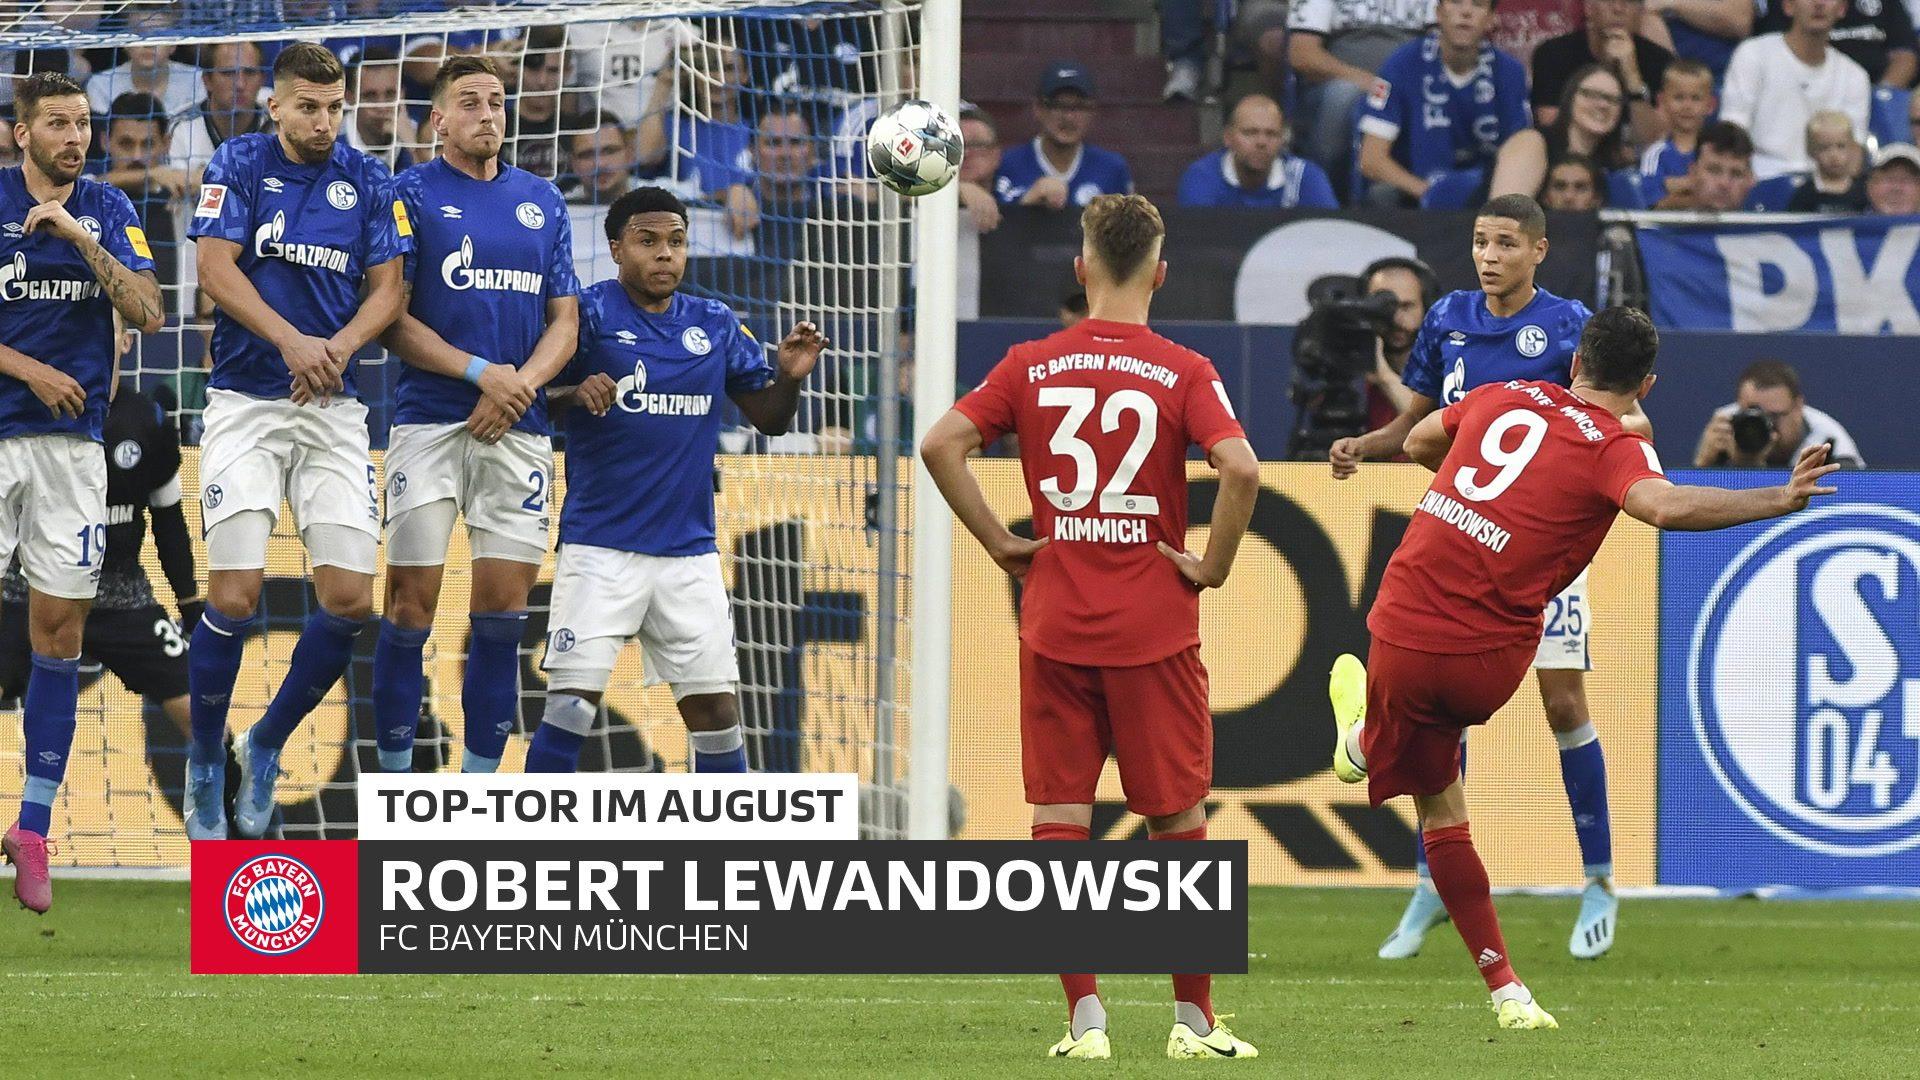 Robert Lewandowski erzielt das Top-Tor im August